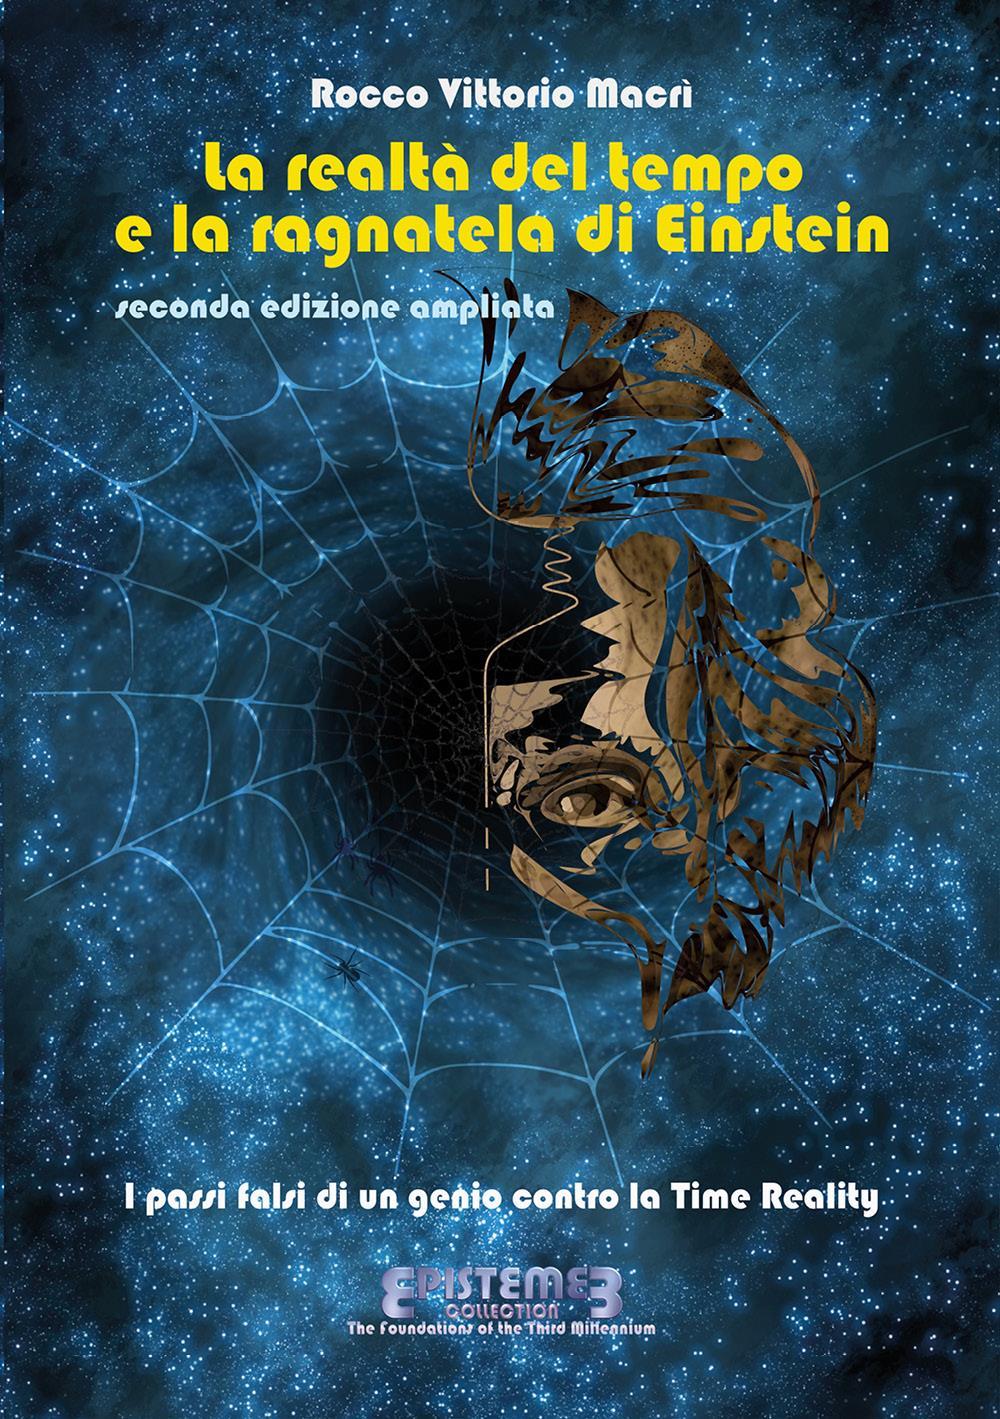 La realtà del tempo e la ragnatela di Einstein - II edizione